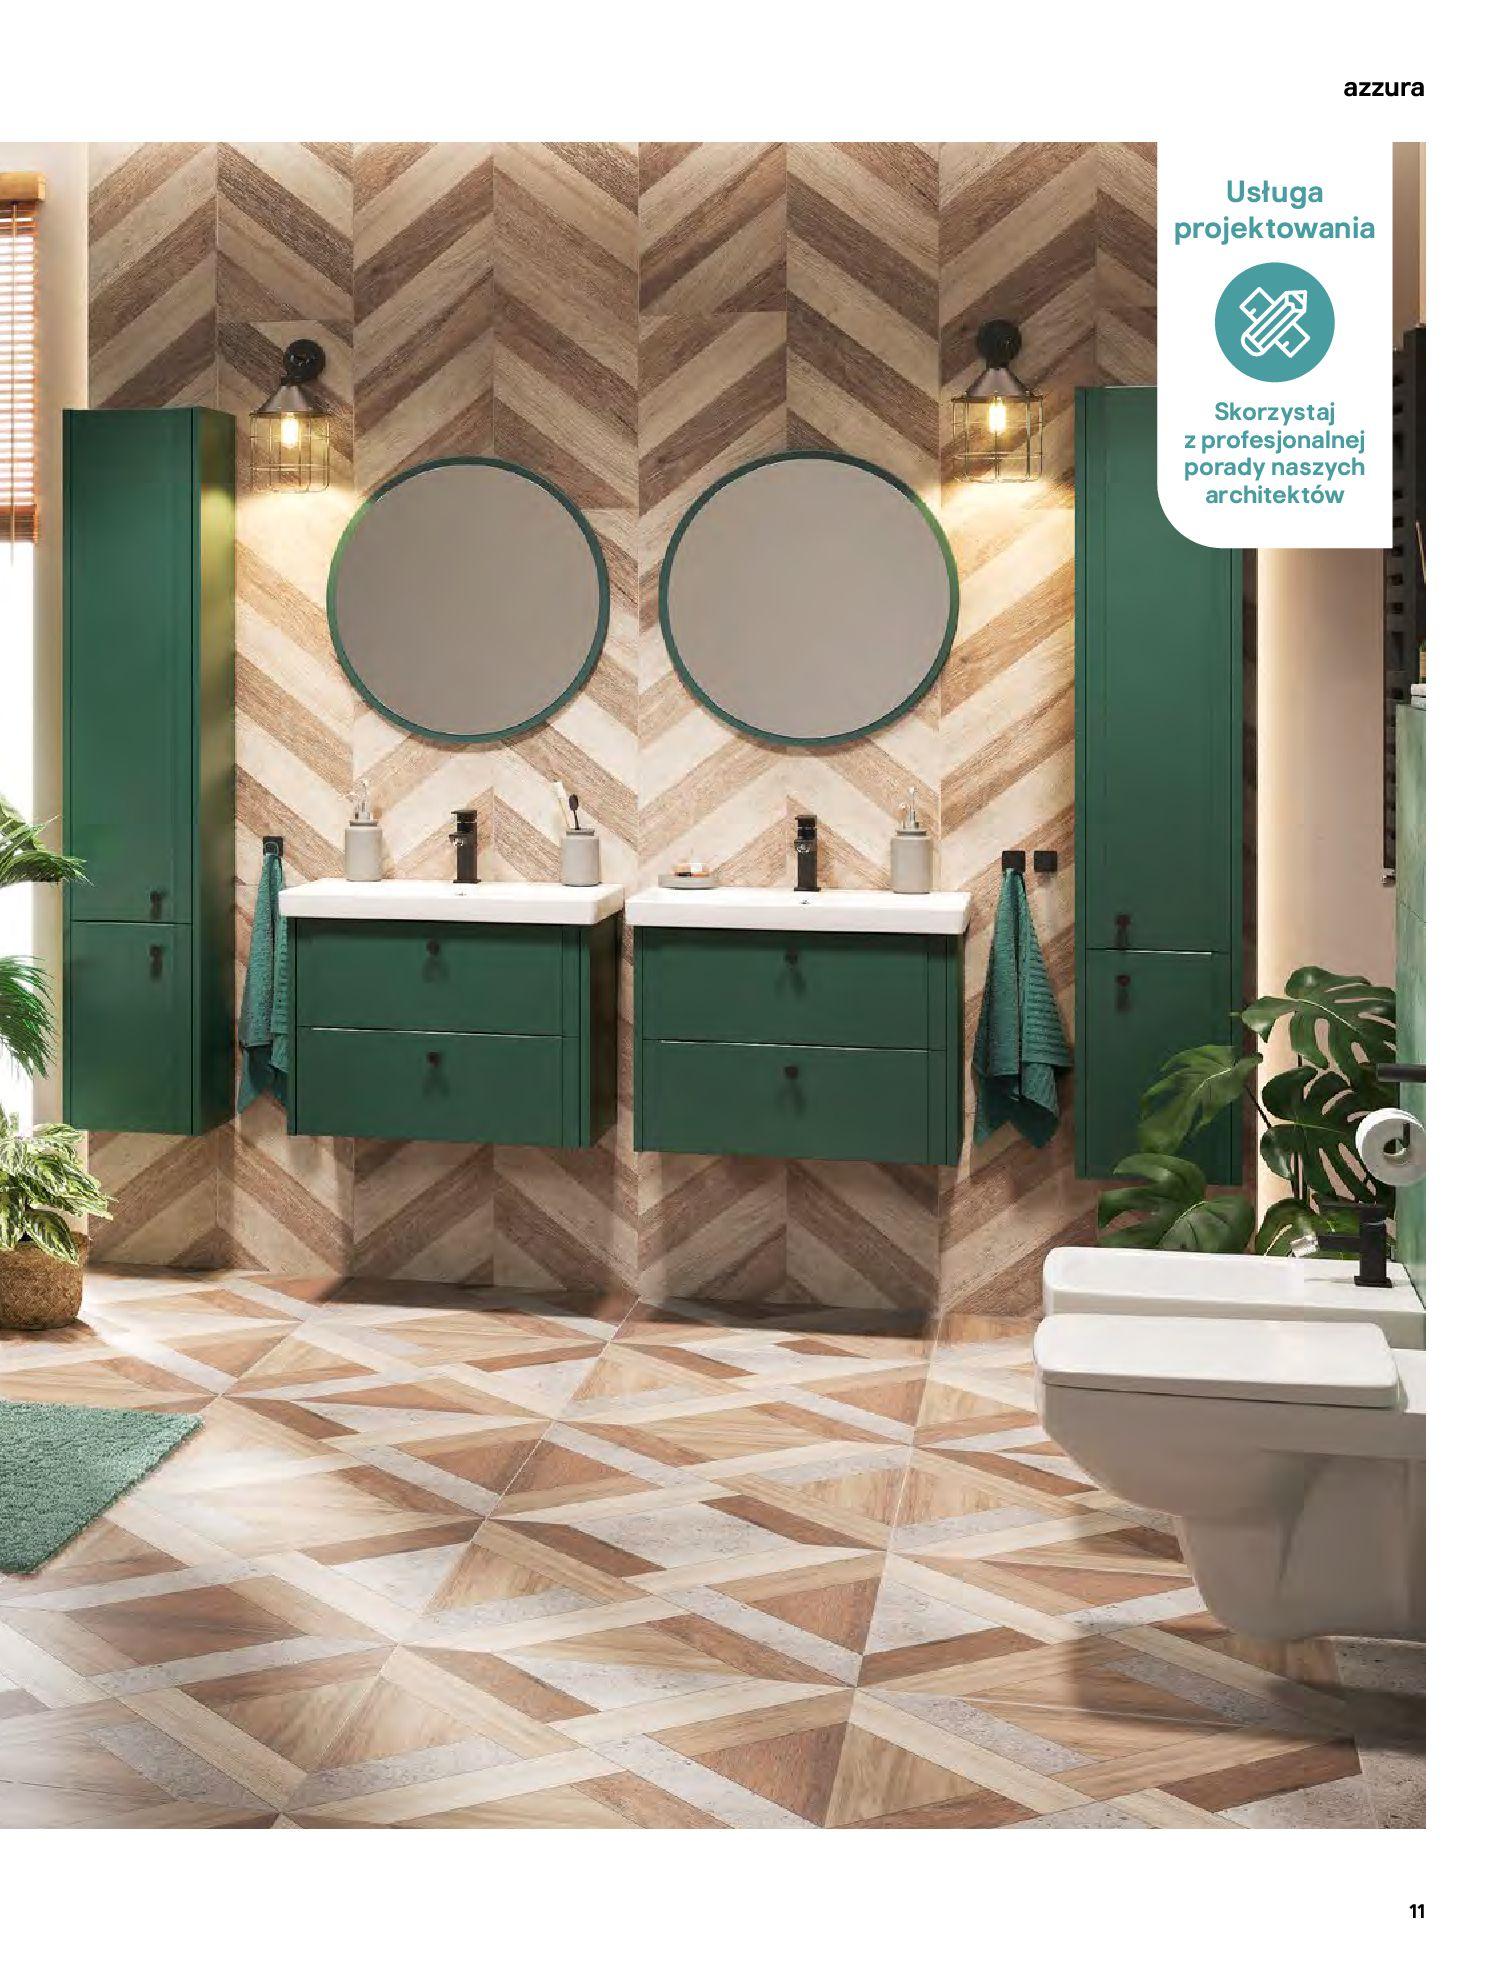 Gazetka Castorama: Gazetka Castorama - katalog łazienki 2021 2021-06-16 page-11